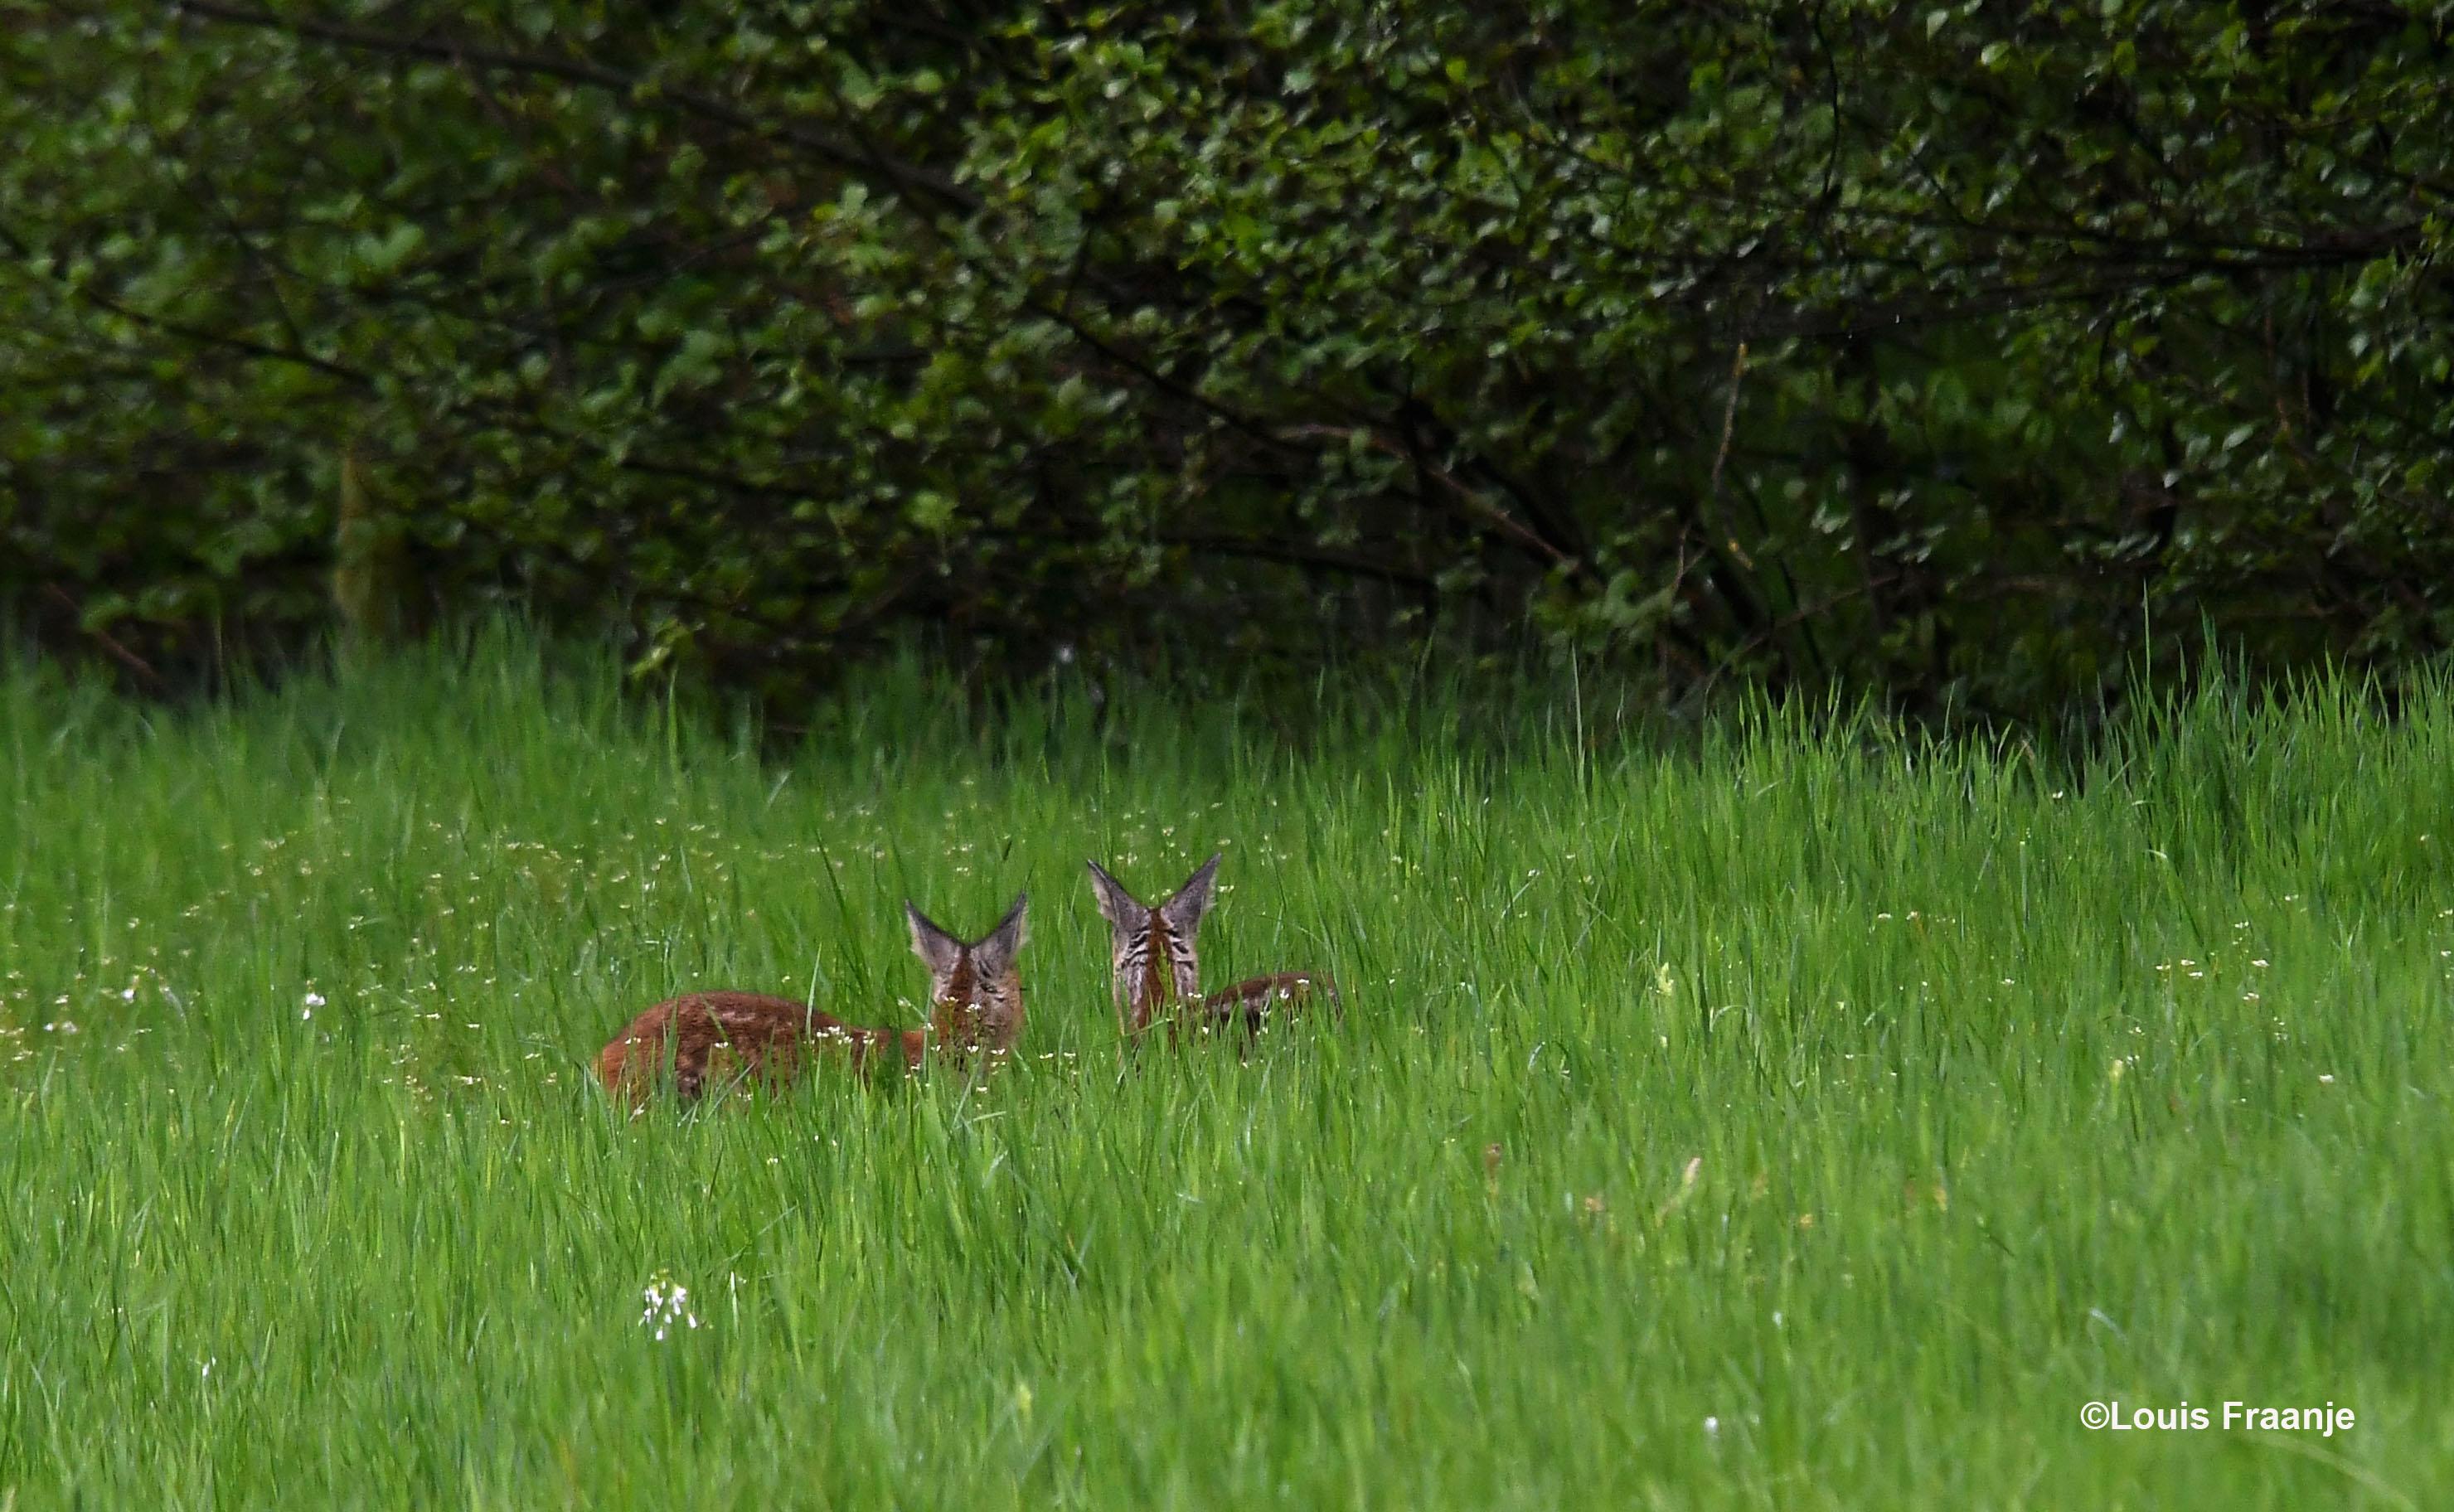 Even later aan de bosrand, wat zien ze eigenlijk? - Foto: ©Louis Fraanje